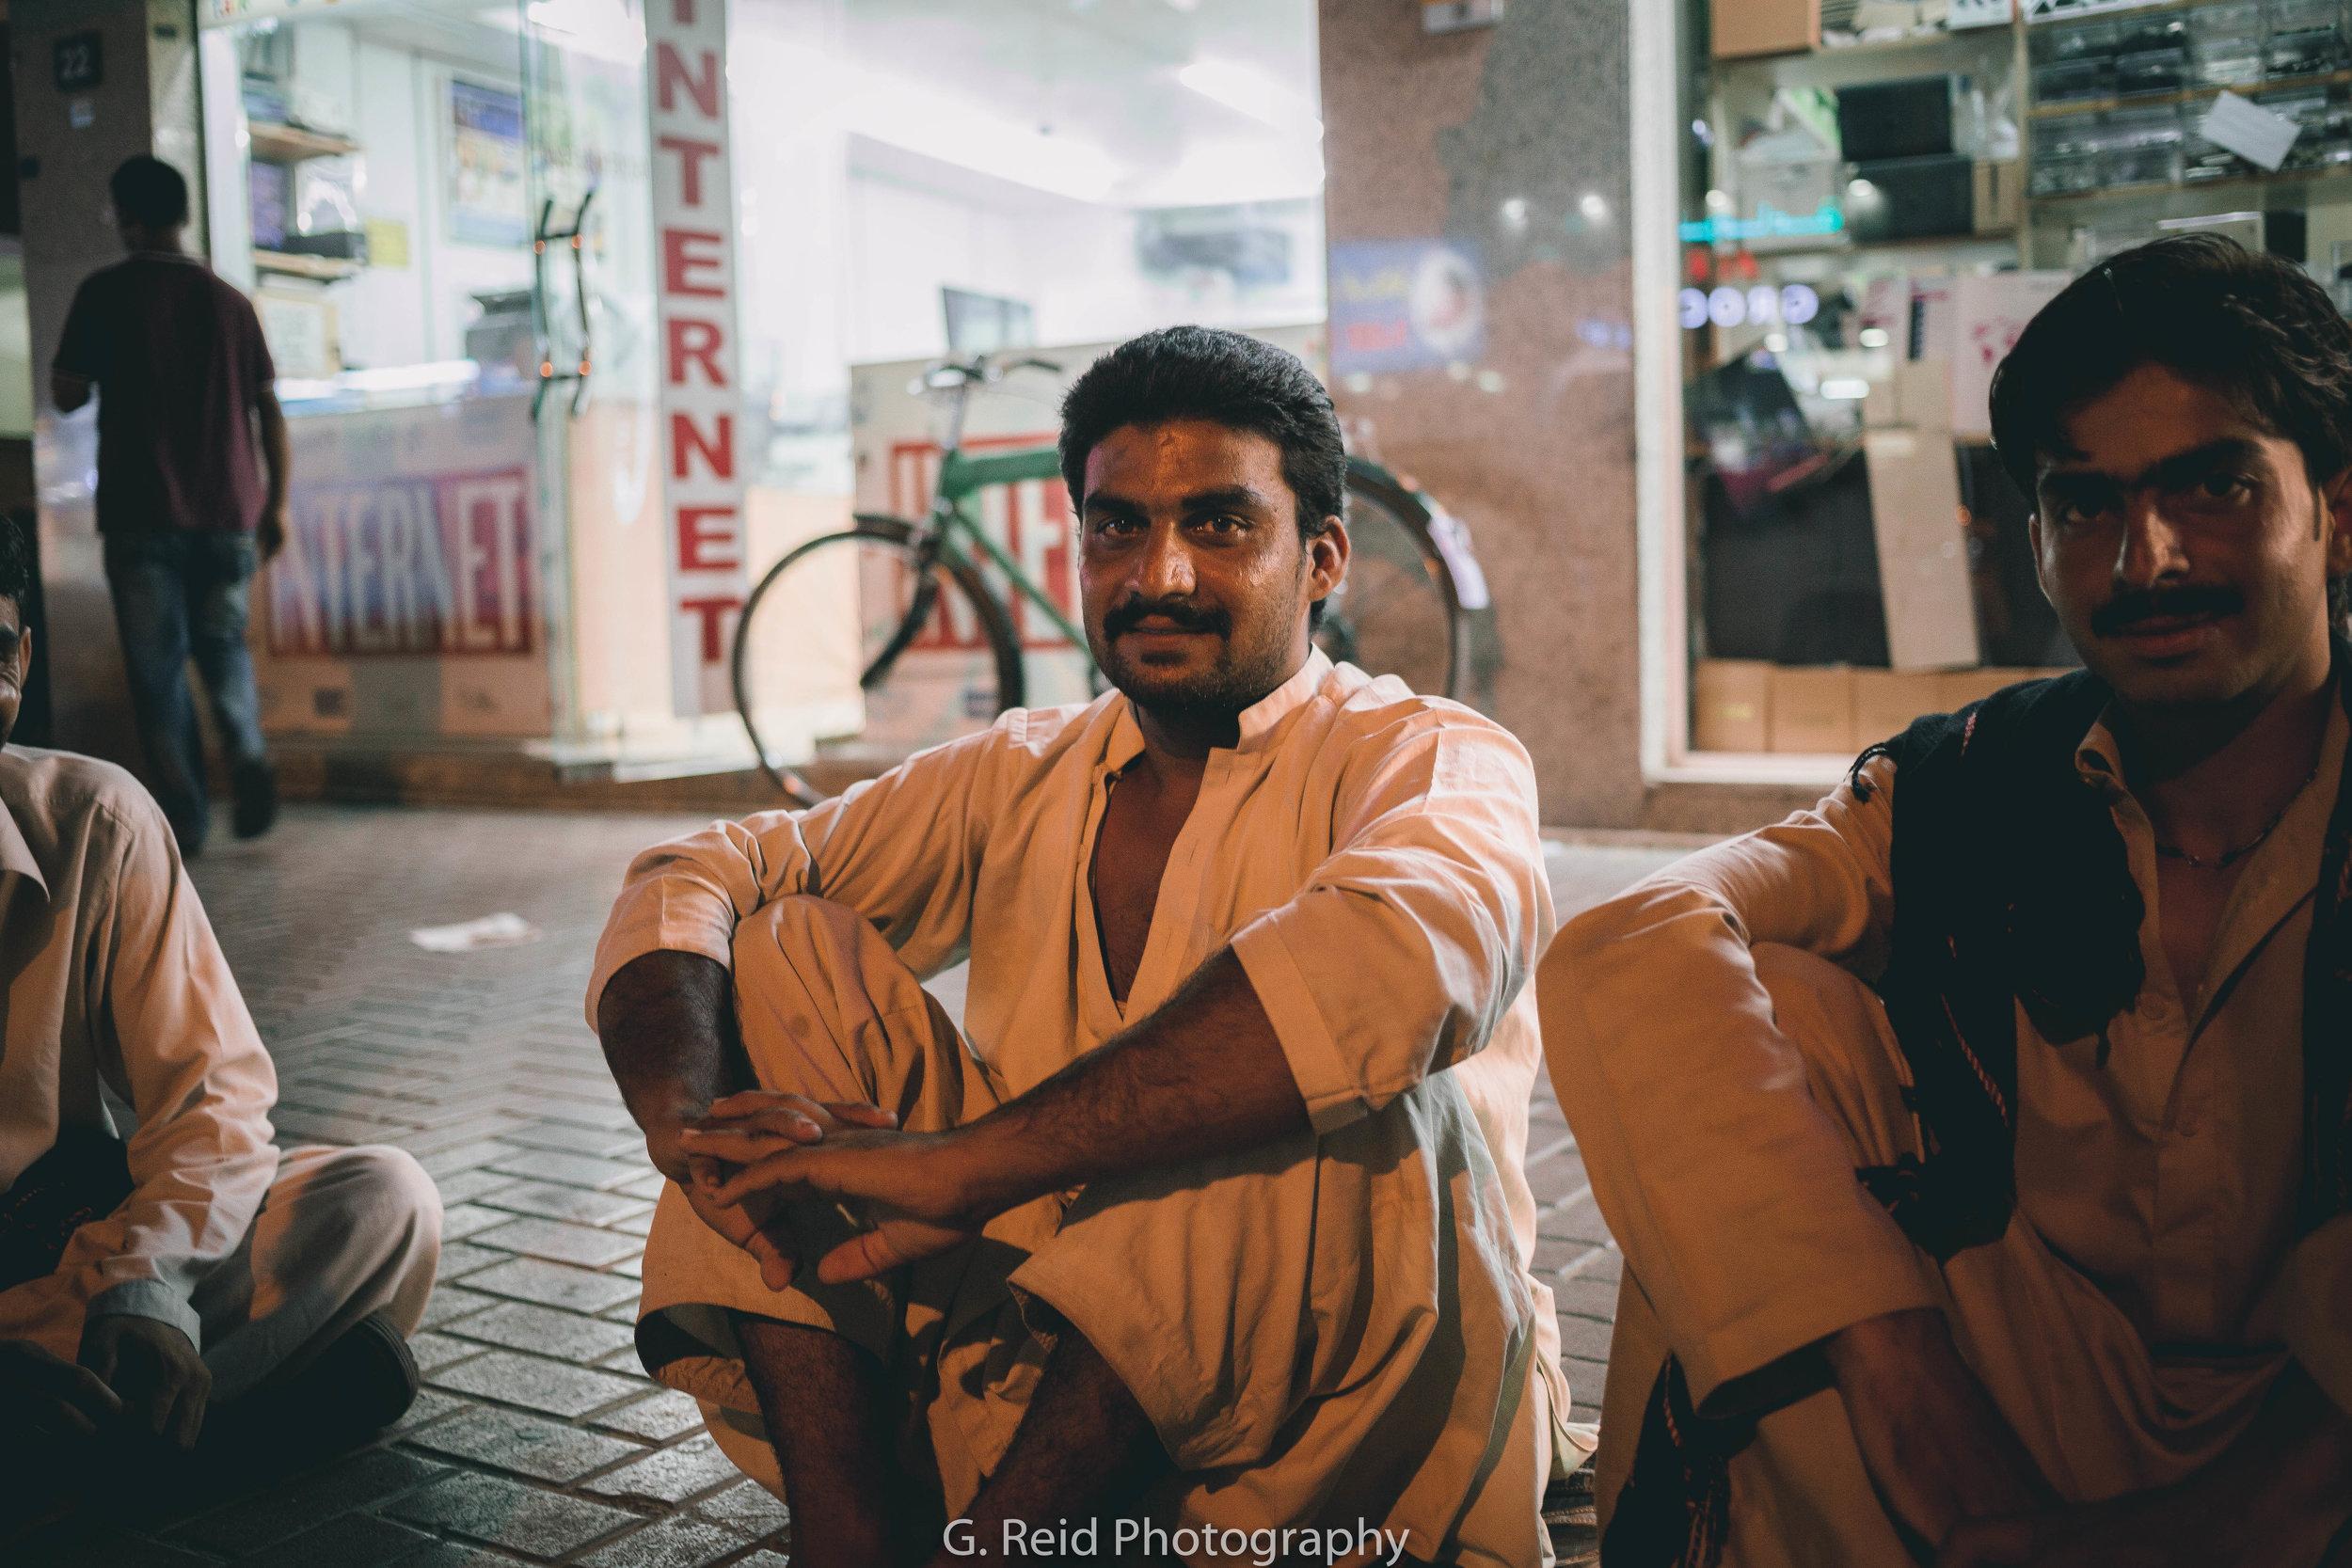 RamadanPhotoWalk-38.jpg